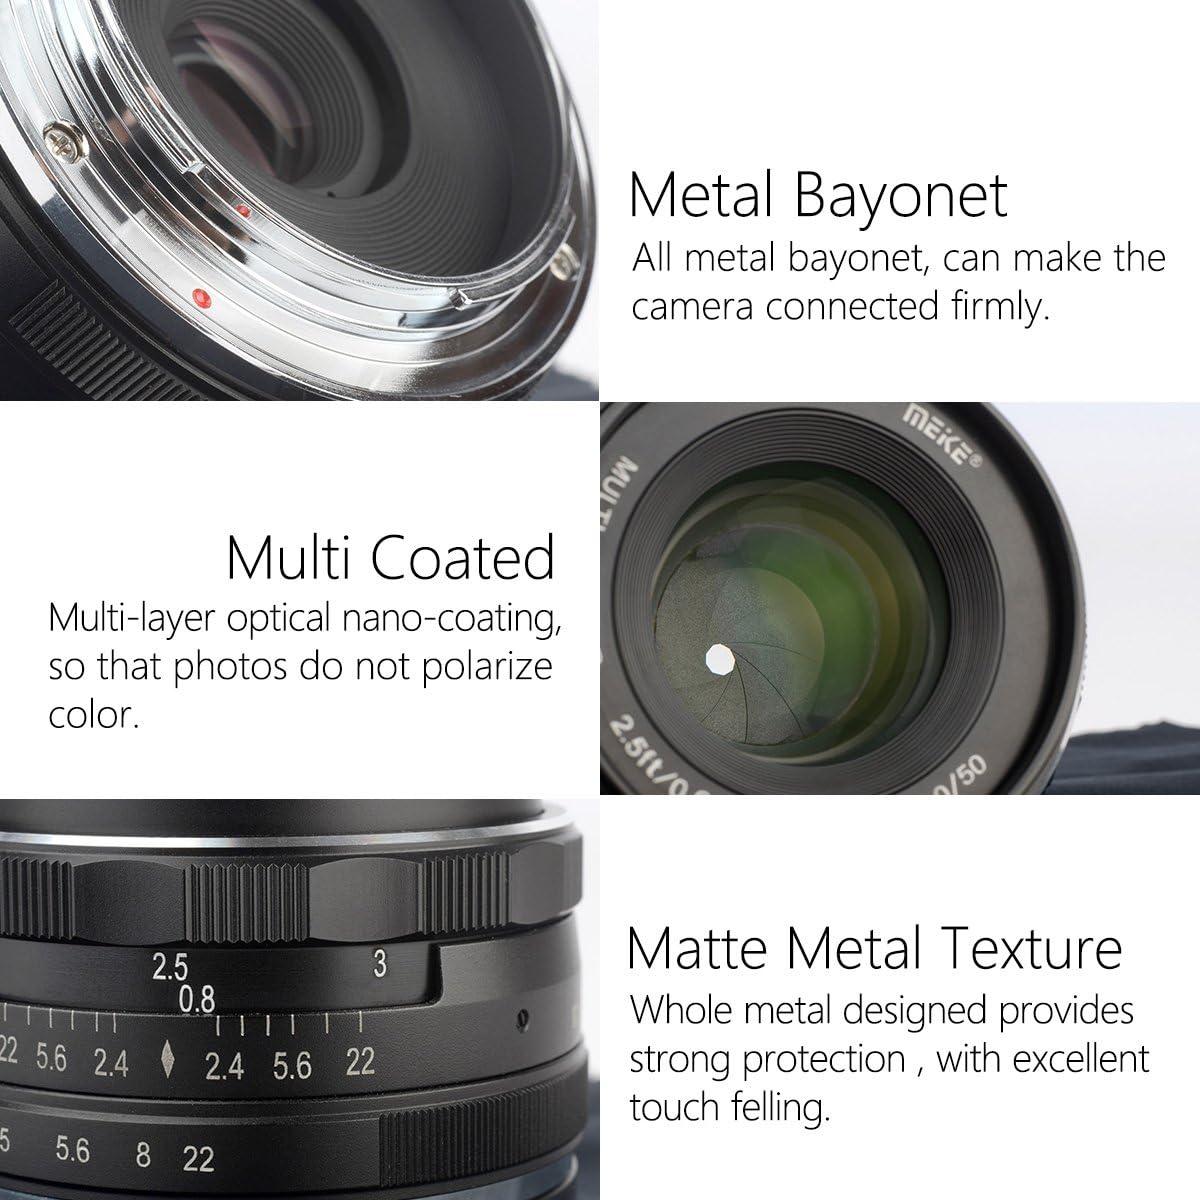 Meike MK-50mm F//2.0 Large Aperture Fixed Manual Focus Lens Work for APS-C Sony Cameras A6500 A6400 A6300 A6000 A6100 NEX3 NEX5 NEX6 NEX7 A5000 A5100